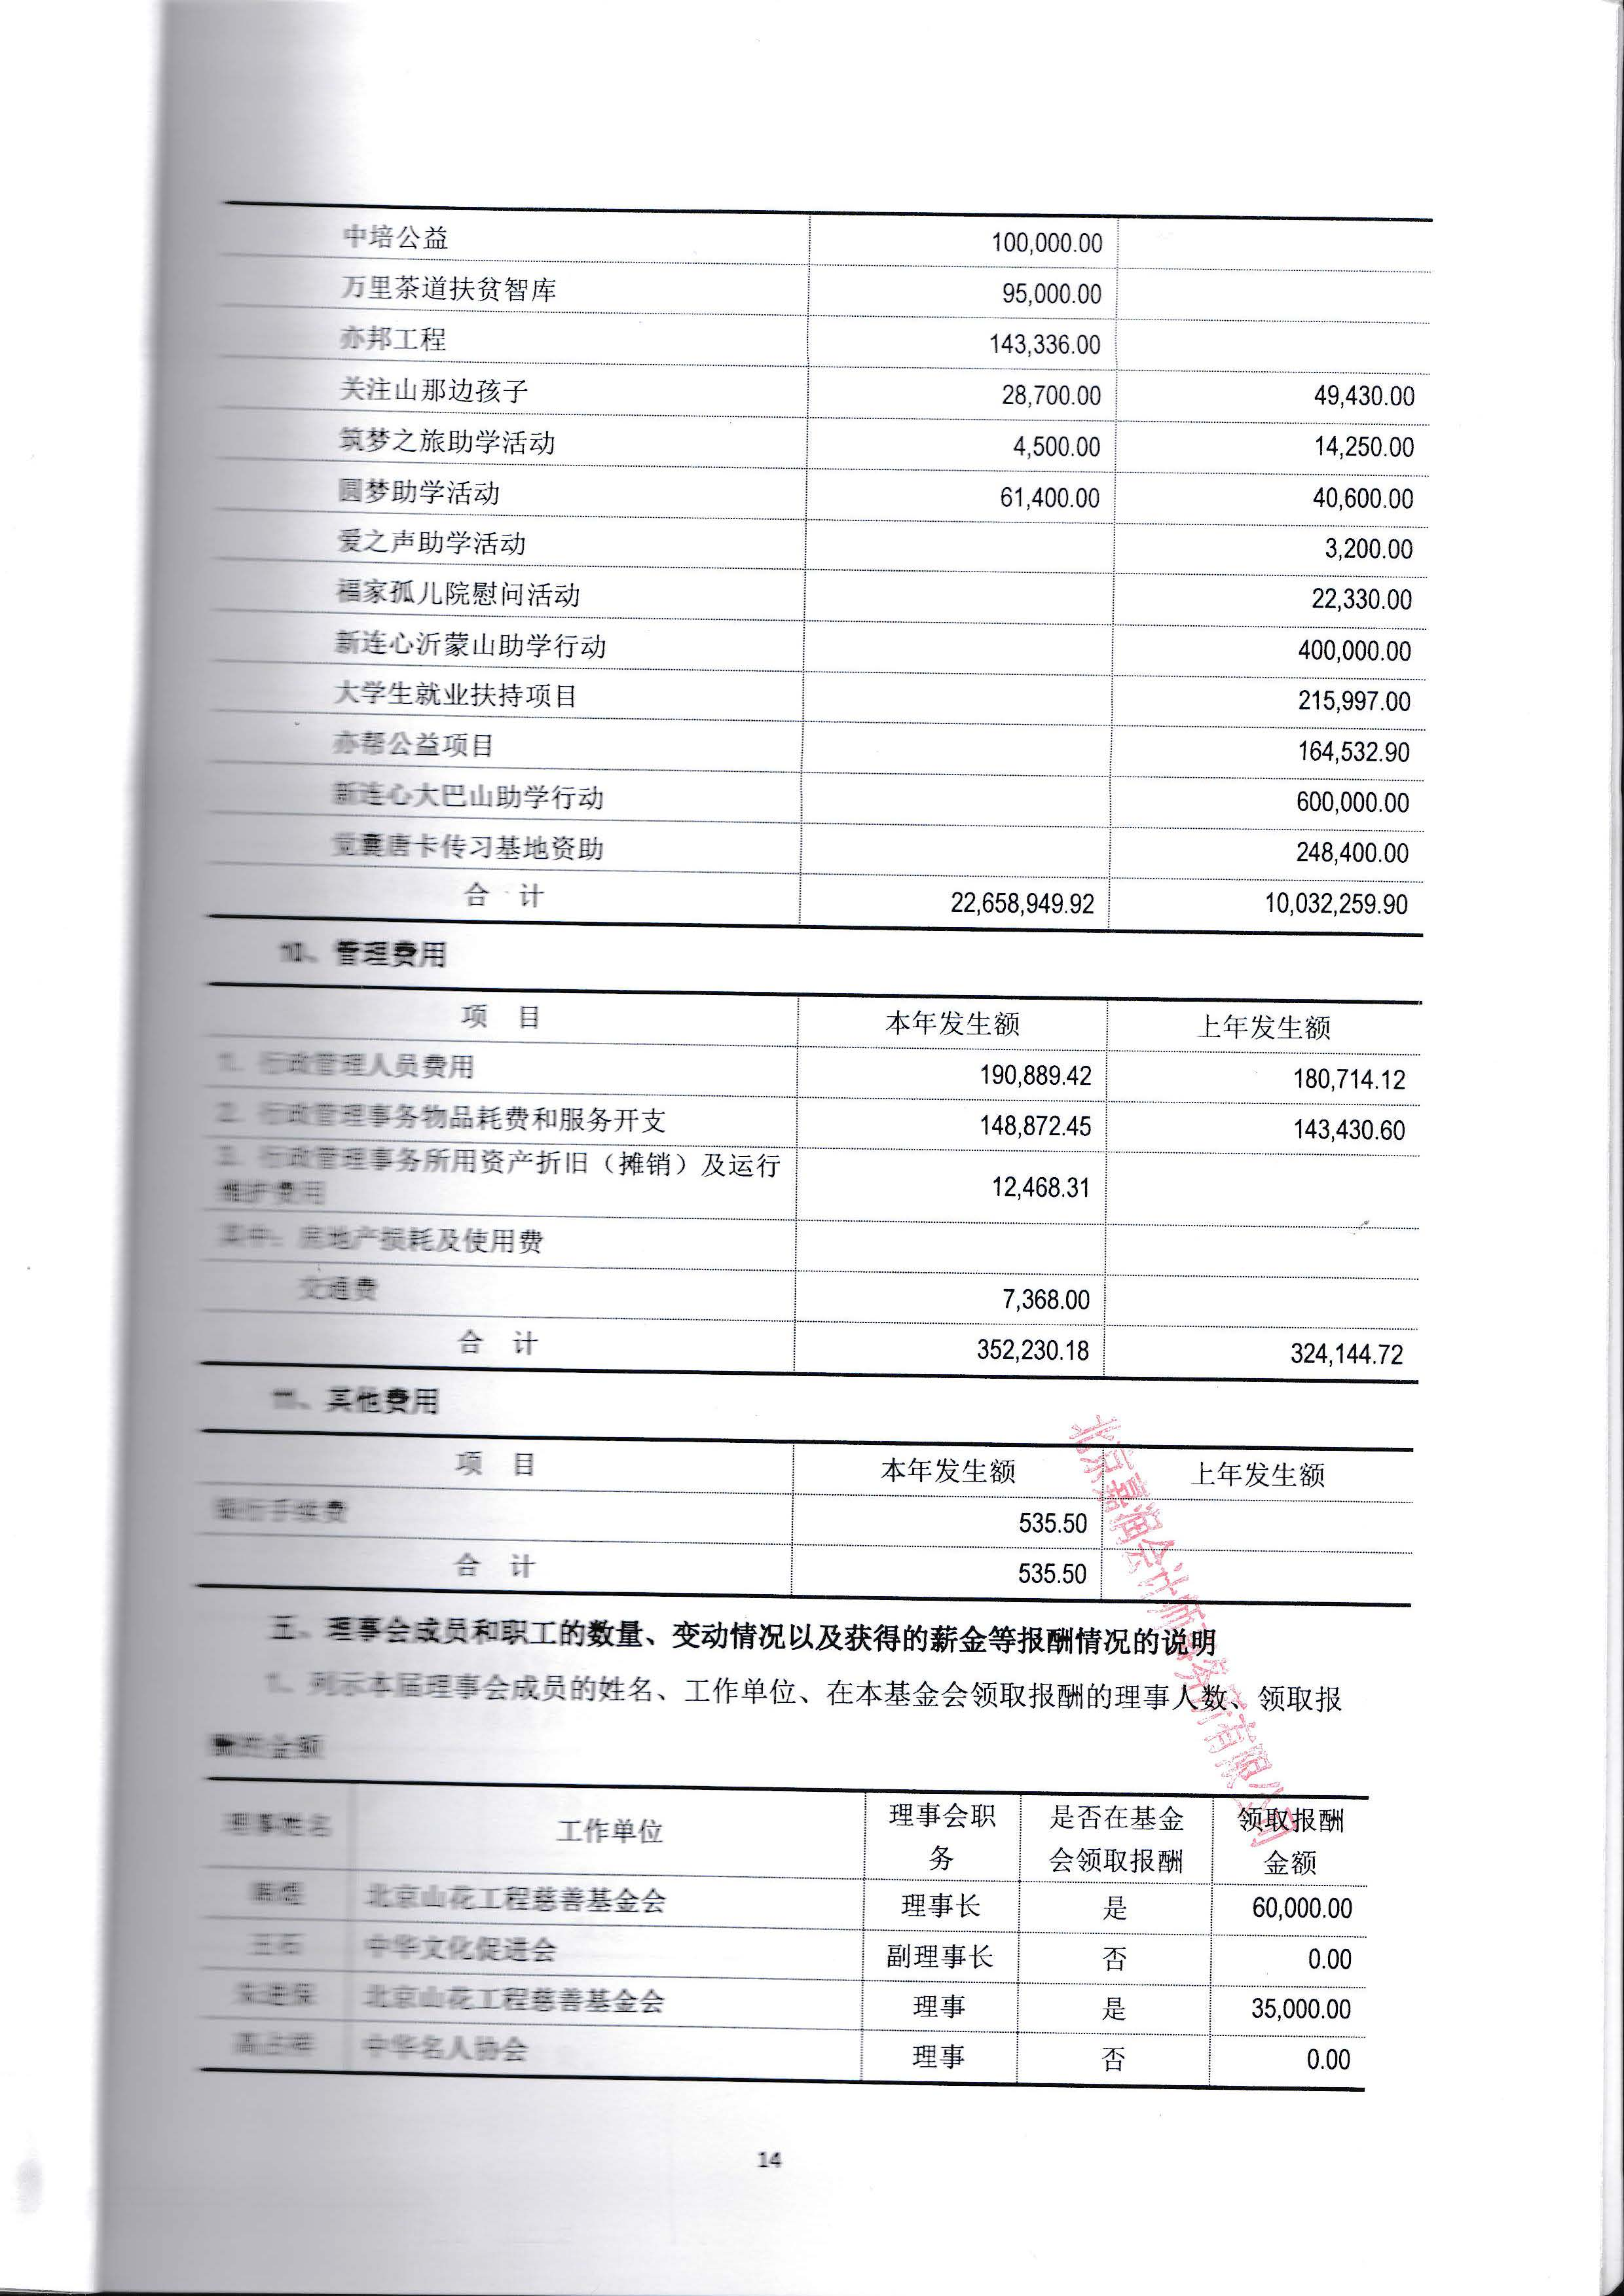 6具有资质的中介机构鉴证的上一年度财务报表和审计报告_页面_17